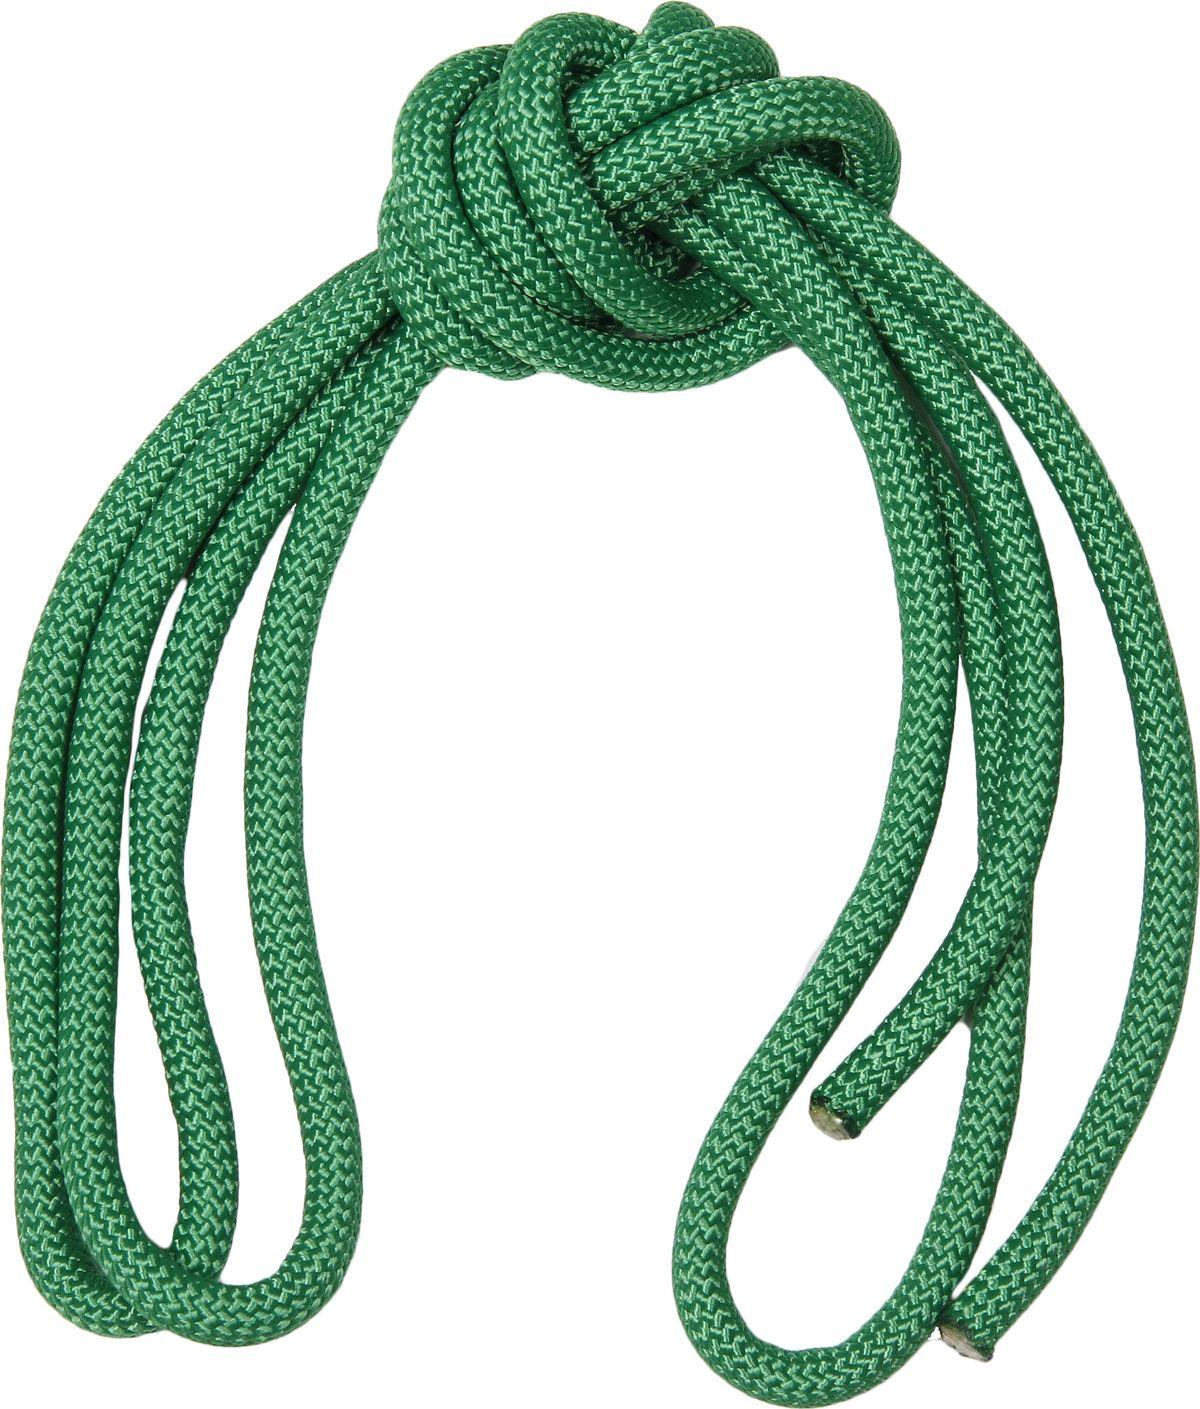 Скакалка гимнастическая Indigo, утяжеленная, цвет: зеленый, длина 3 м цена